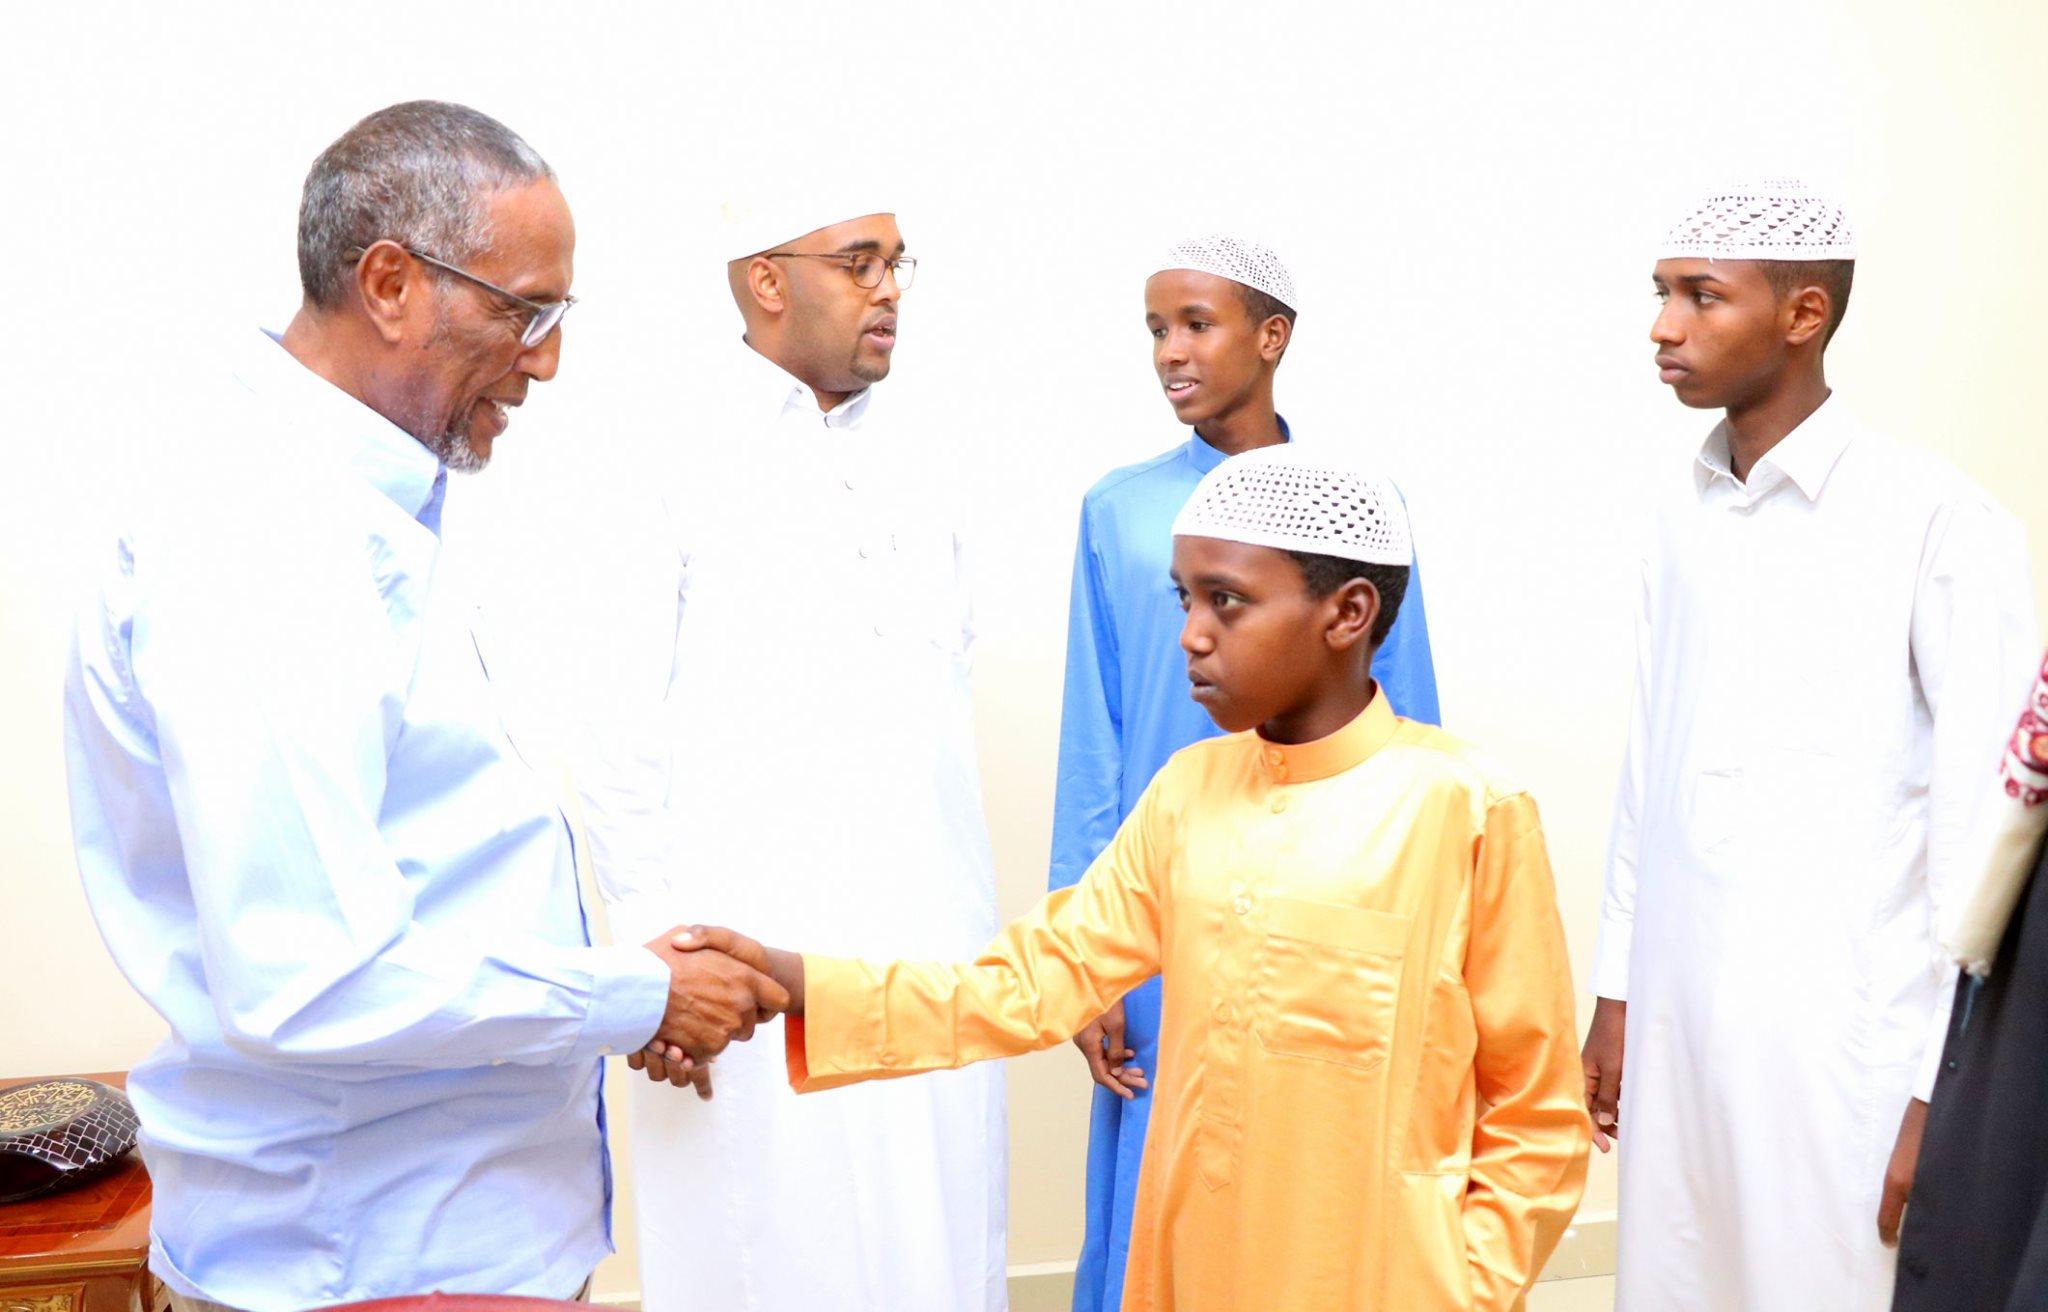 Hargeysa: Madaxweynah Somaliland oo Xafiiskisa ku qaabilay 3 Arday oo kaalmo sare ka galay Tartanka Quraanka kariim oo Djibouti ka dhacay+Sawiro